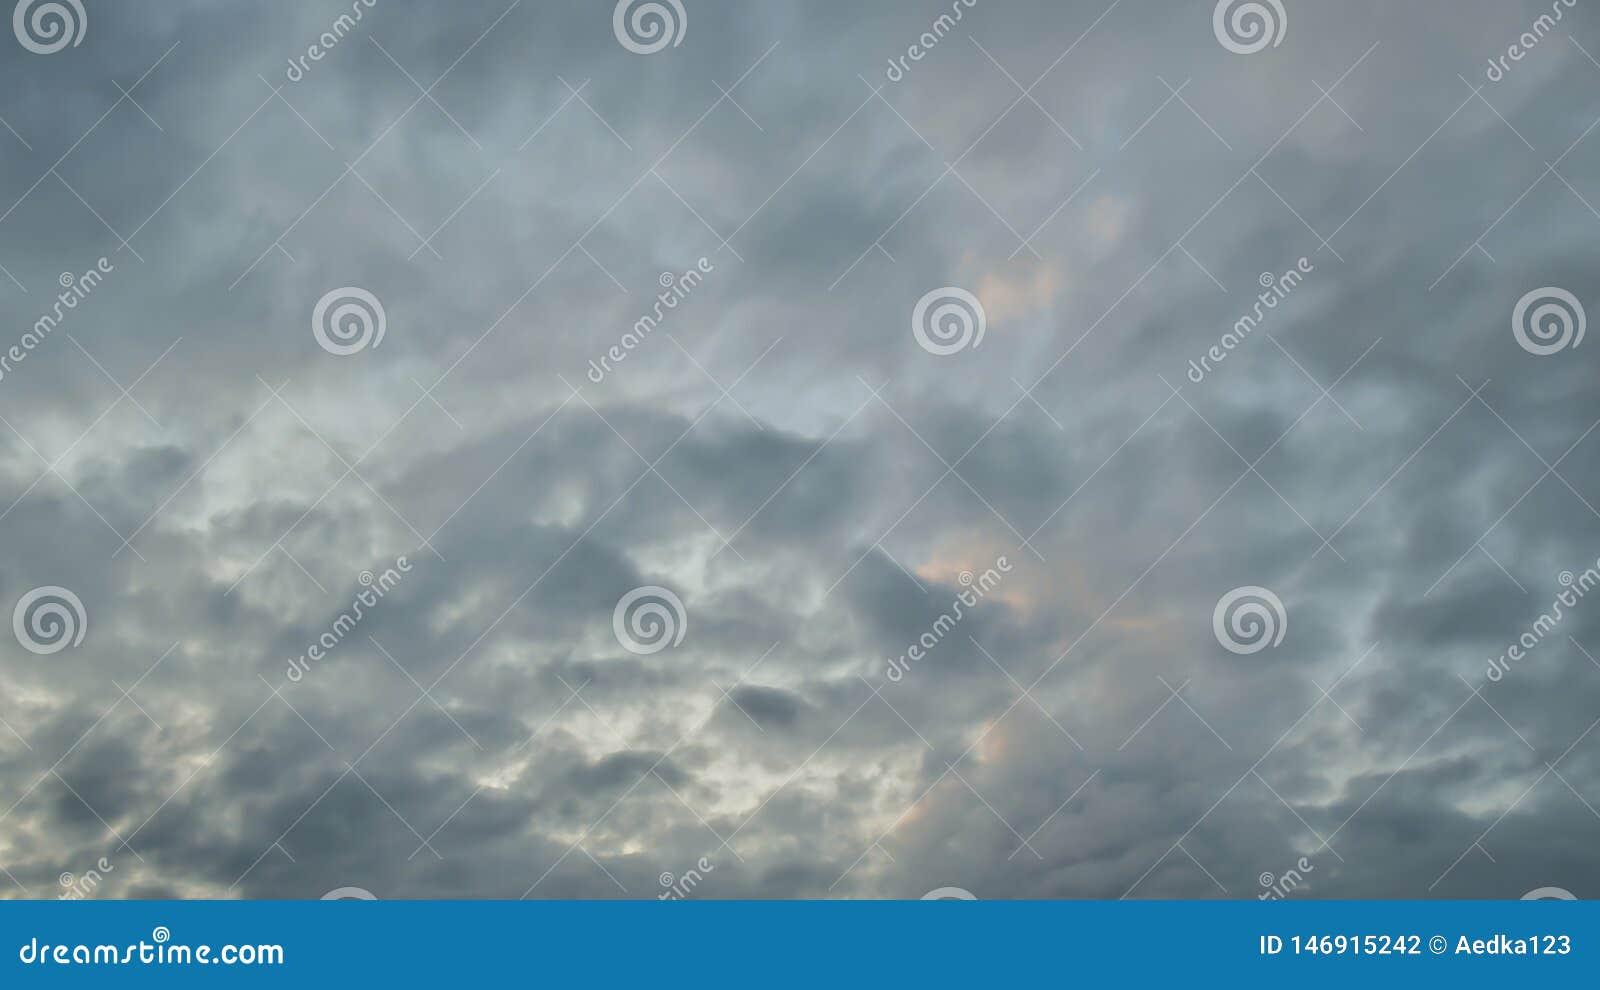 Το φως στο σκοτεινό και δραματικό υπόβαθρο σύννεφων θύελλας, μαύρος σωρείτης καλύπτει πριν από την αρχή μιας ισχυρής θύελλας